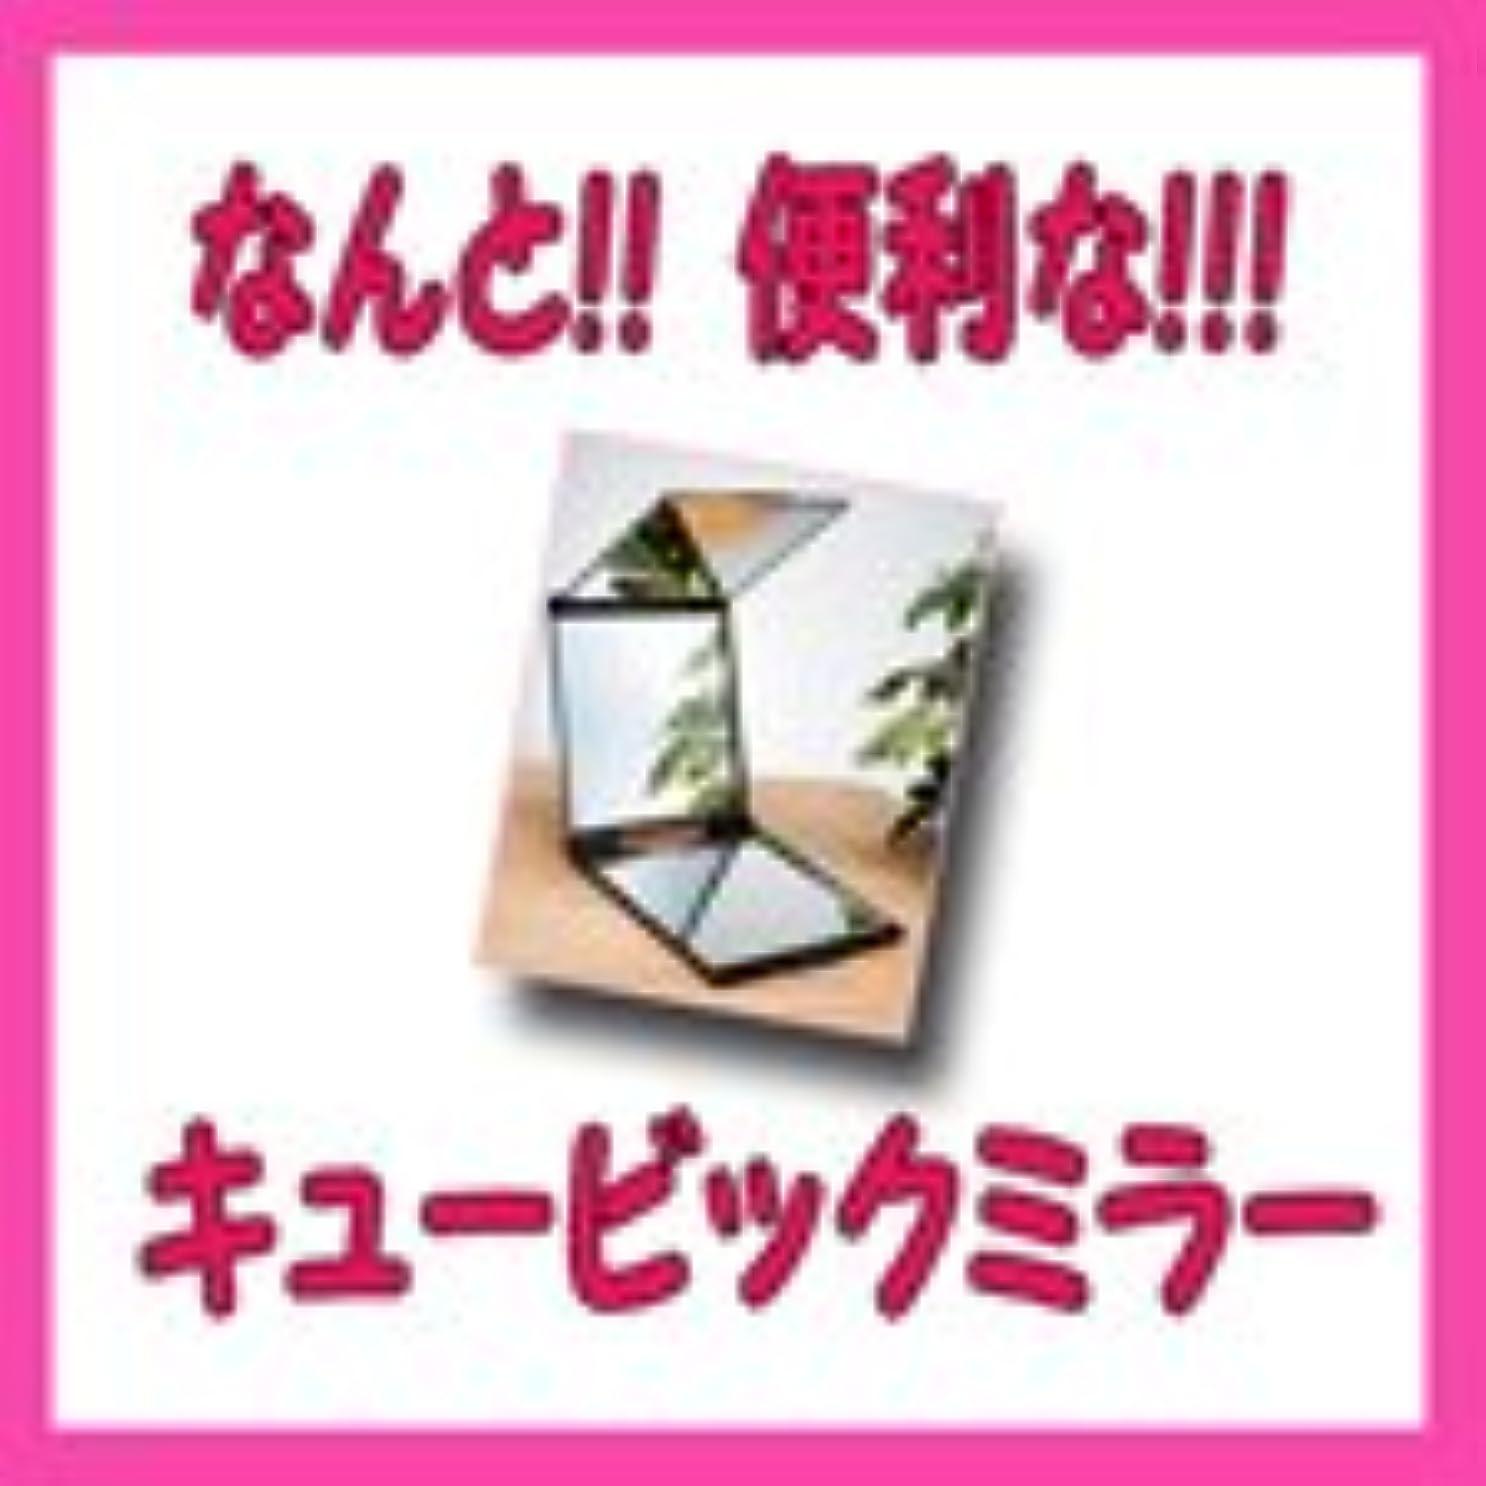 群れ充実研磨ルアン ルアン キュービックミラー 立体三面鏡